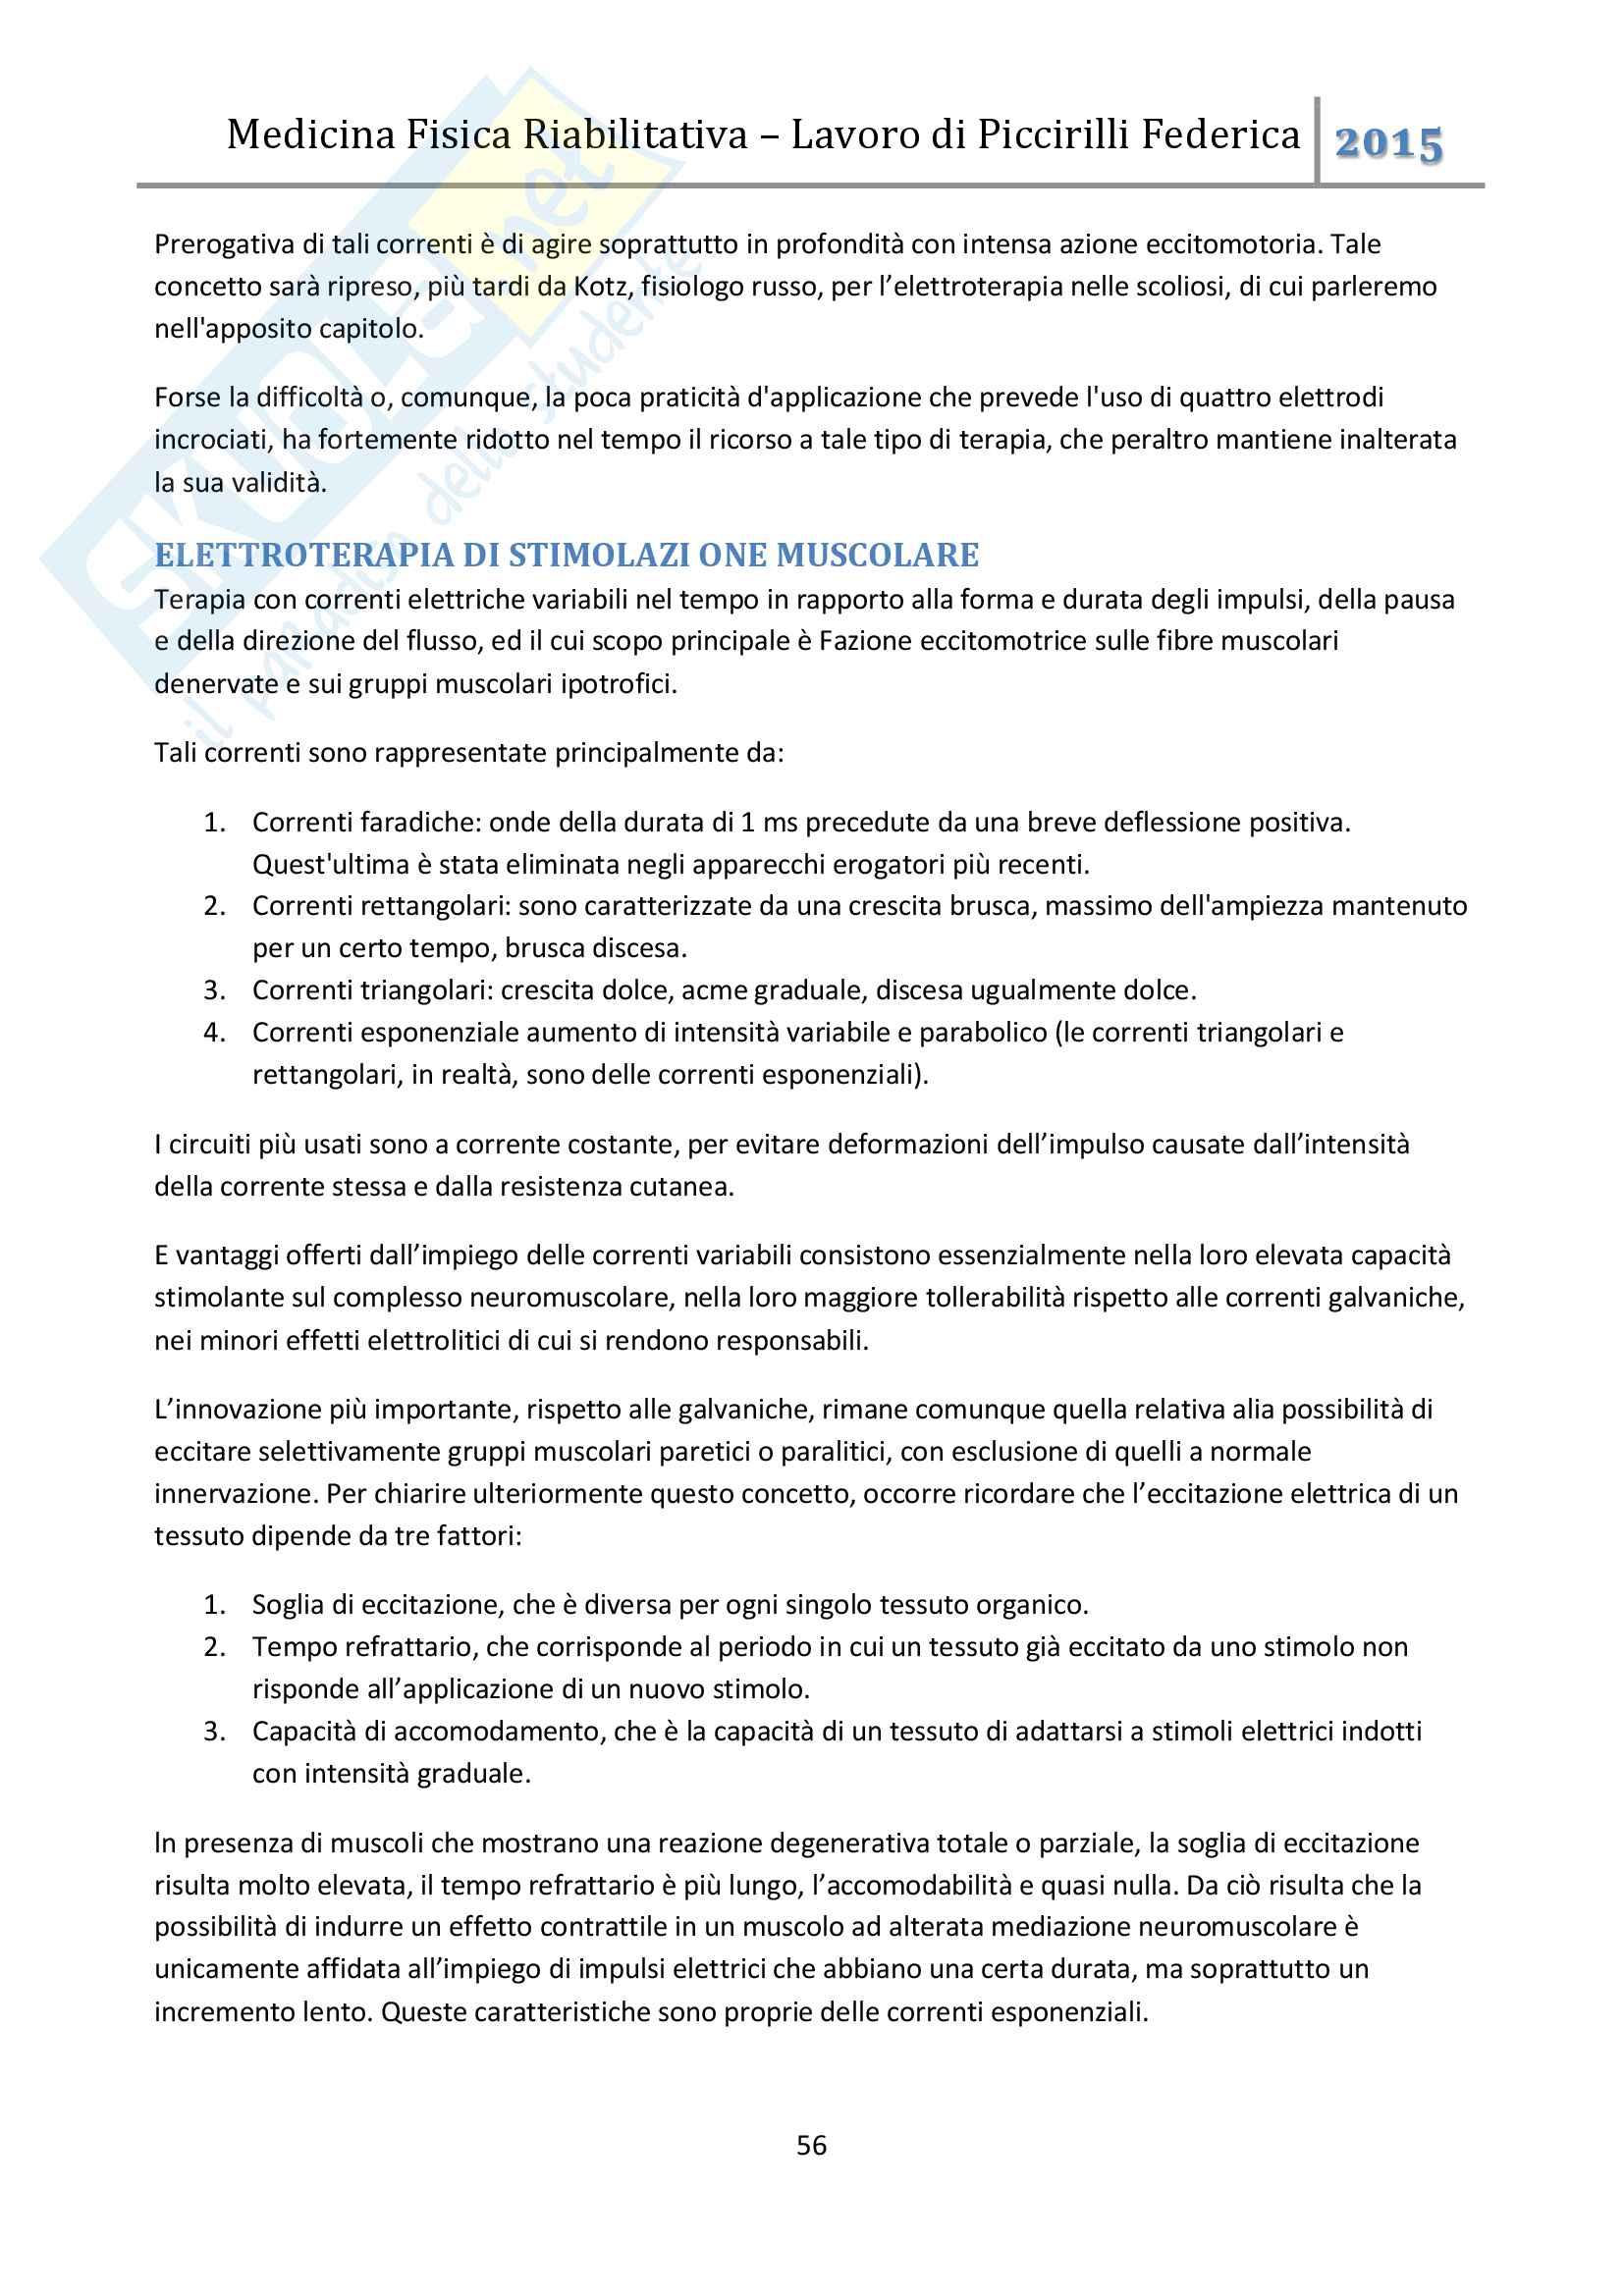 Medicina fisica riabilitativa Pag. 56